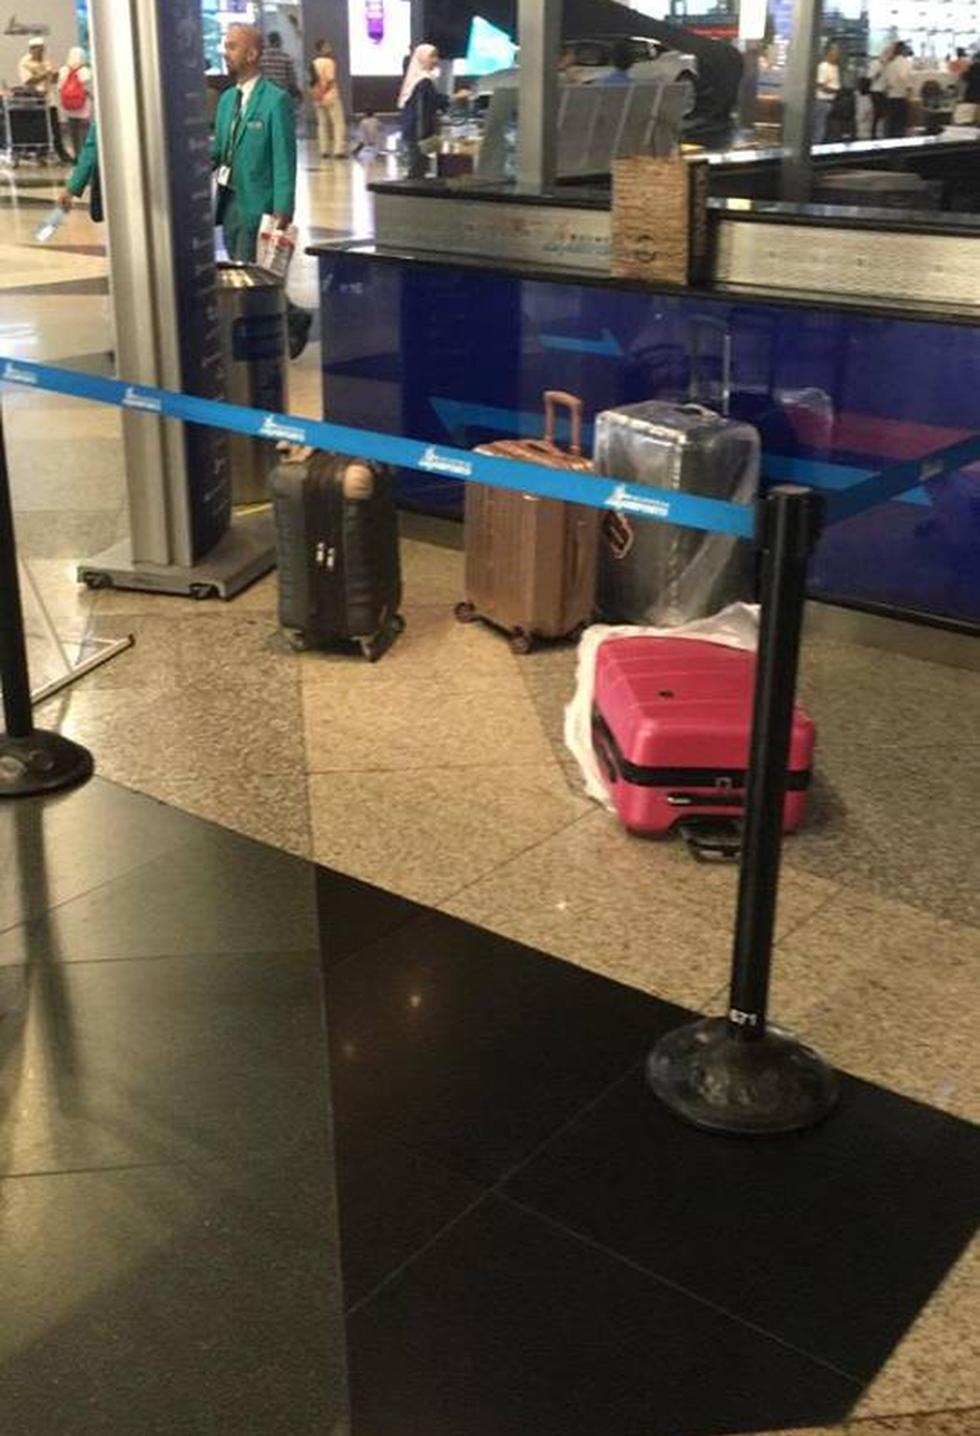 Nói có bom trong hành lý, 2 nữ hành khách Việt bị giữ ở Malaysia - Ảnh 2.